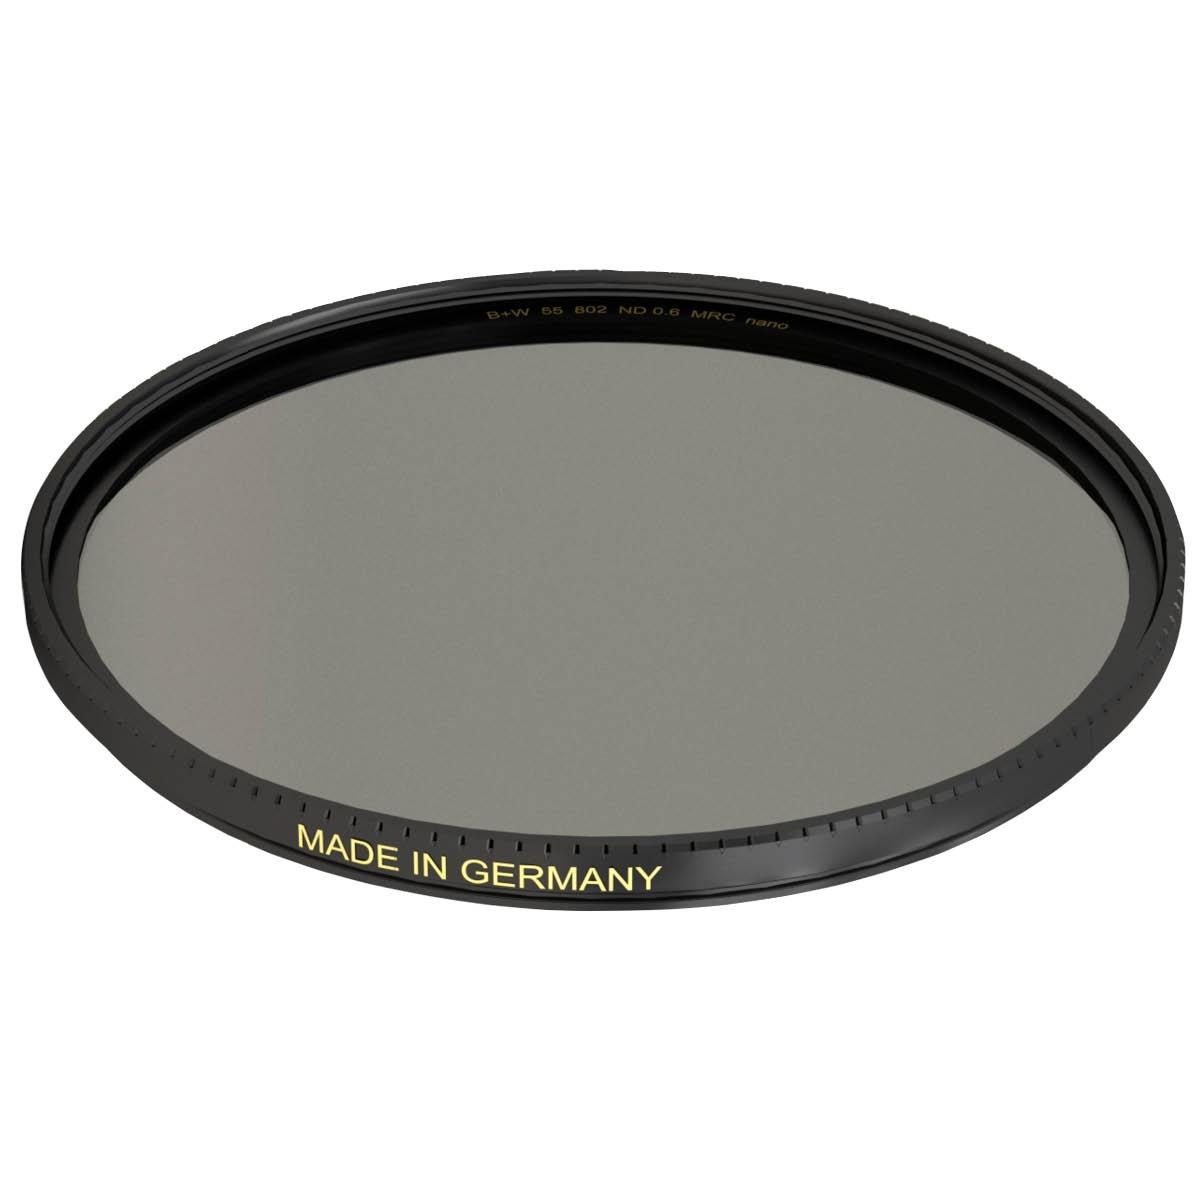 B+W Graufilter 77 mm XS-Pro +2